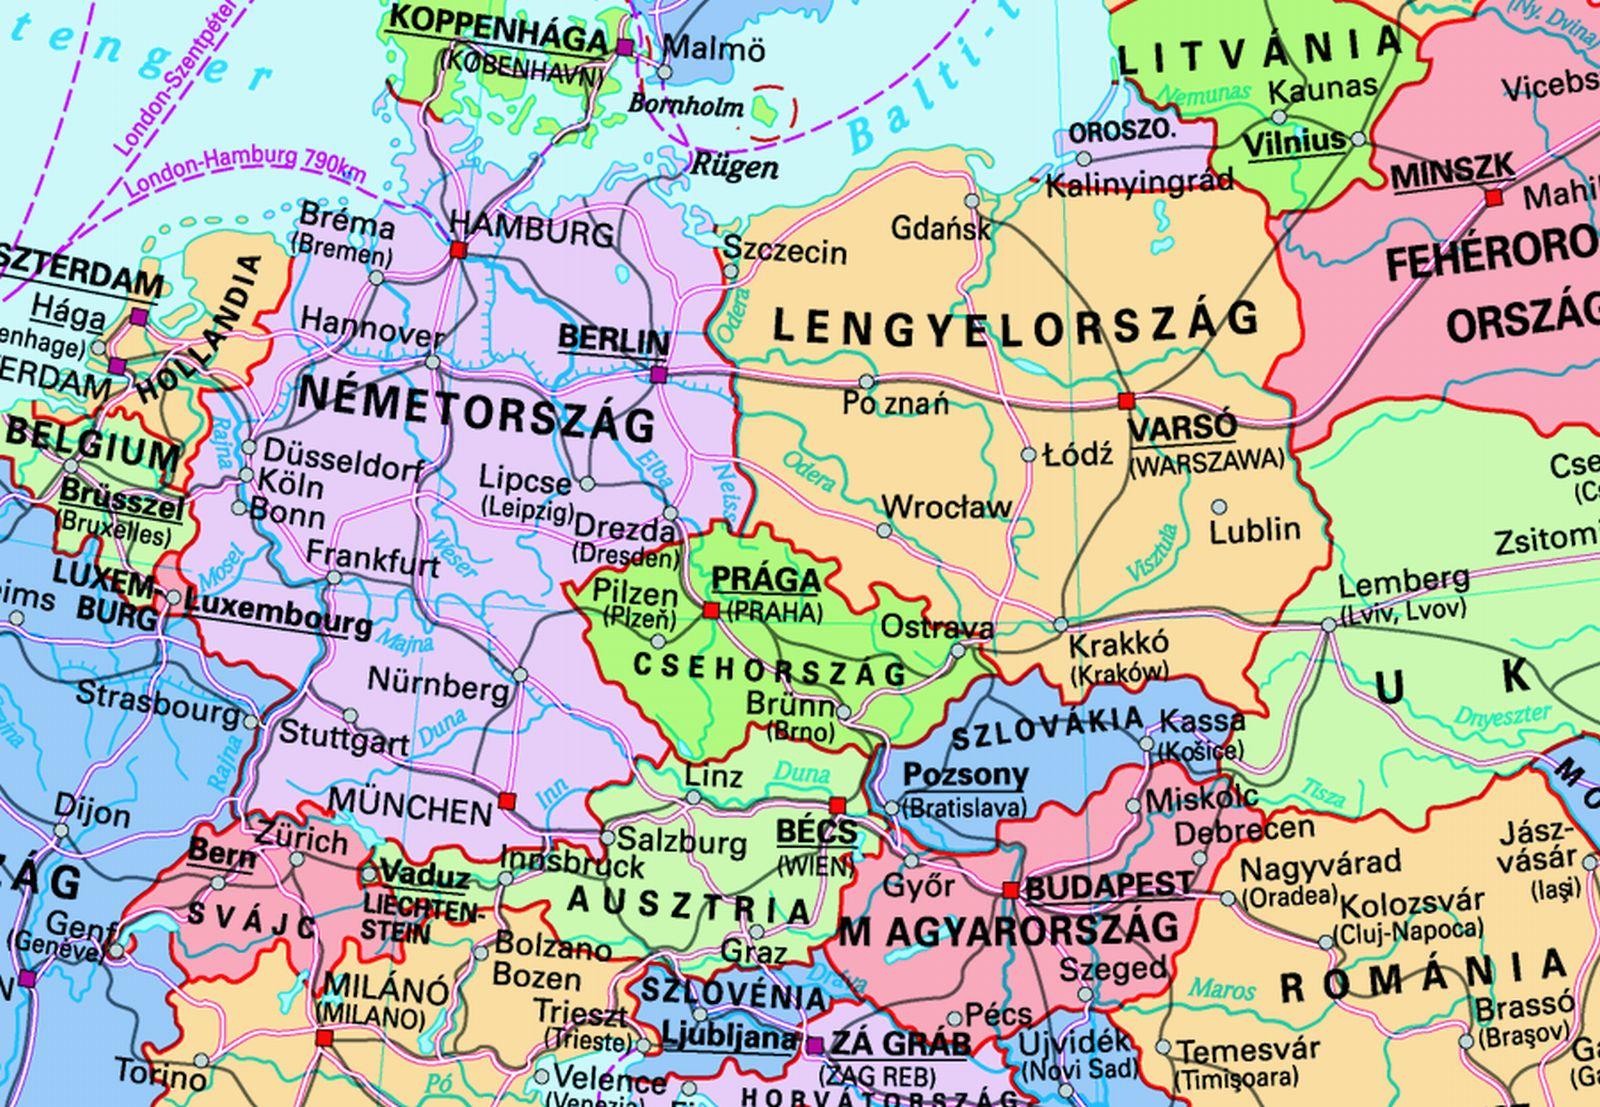 magyarország szlovákia térkép Közlekedési földrajz | SuliTudásbázis magyarország szlovákia térkép